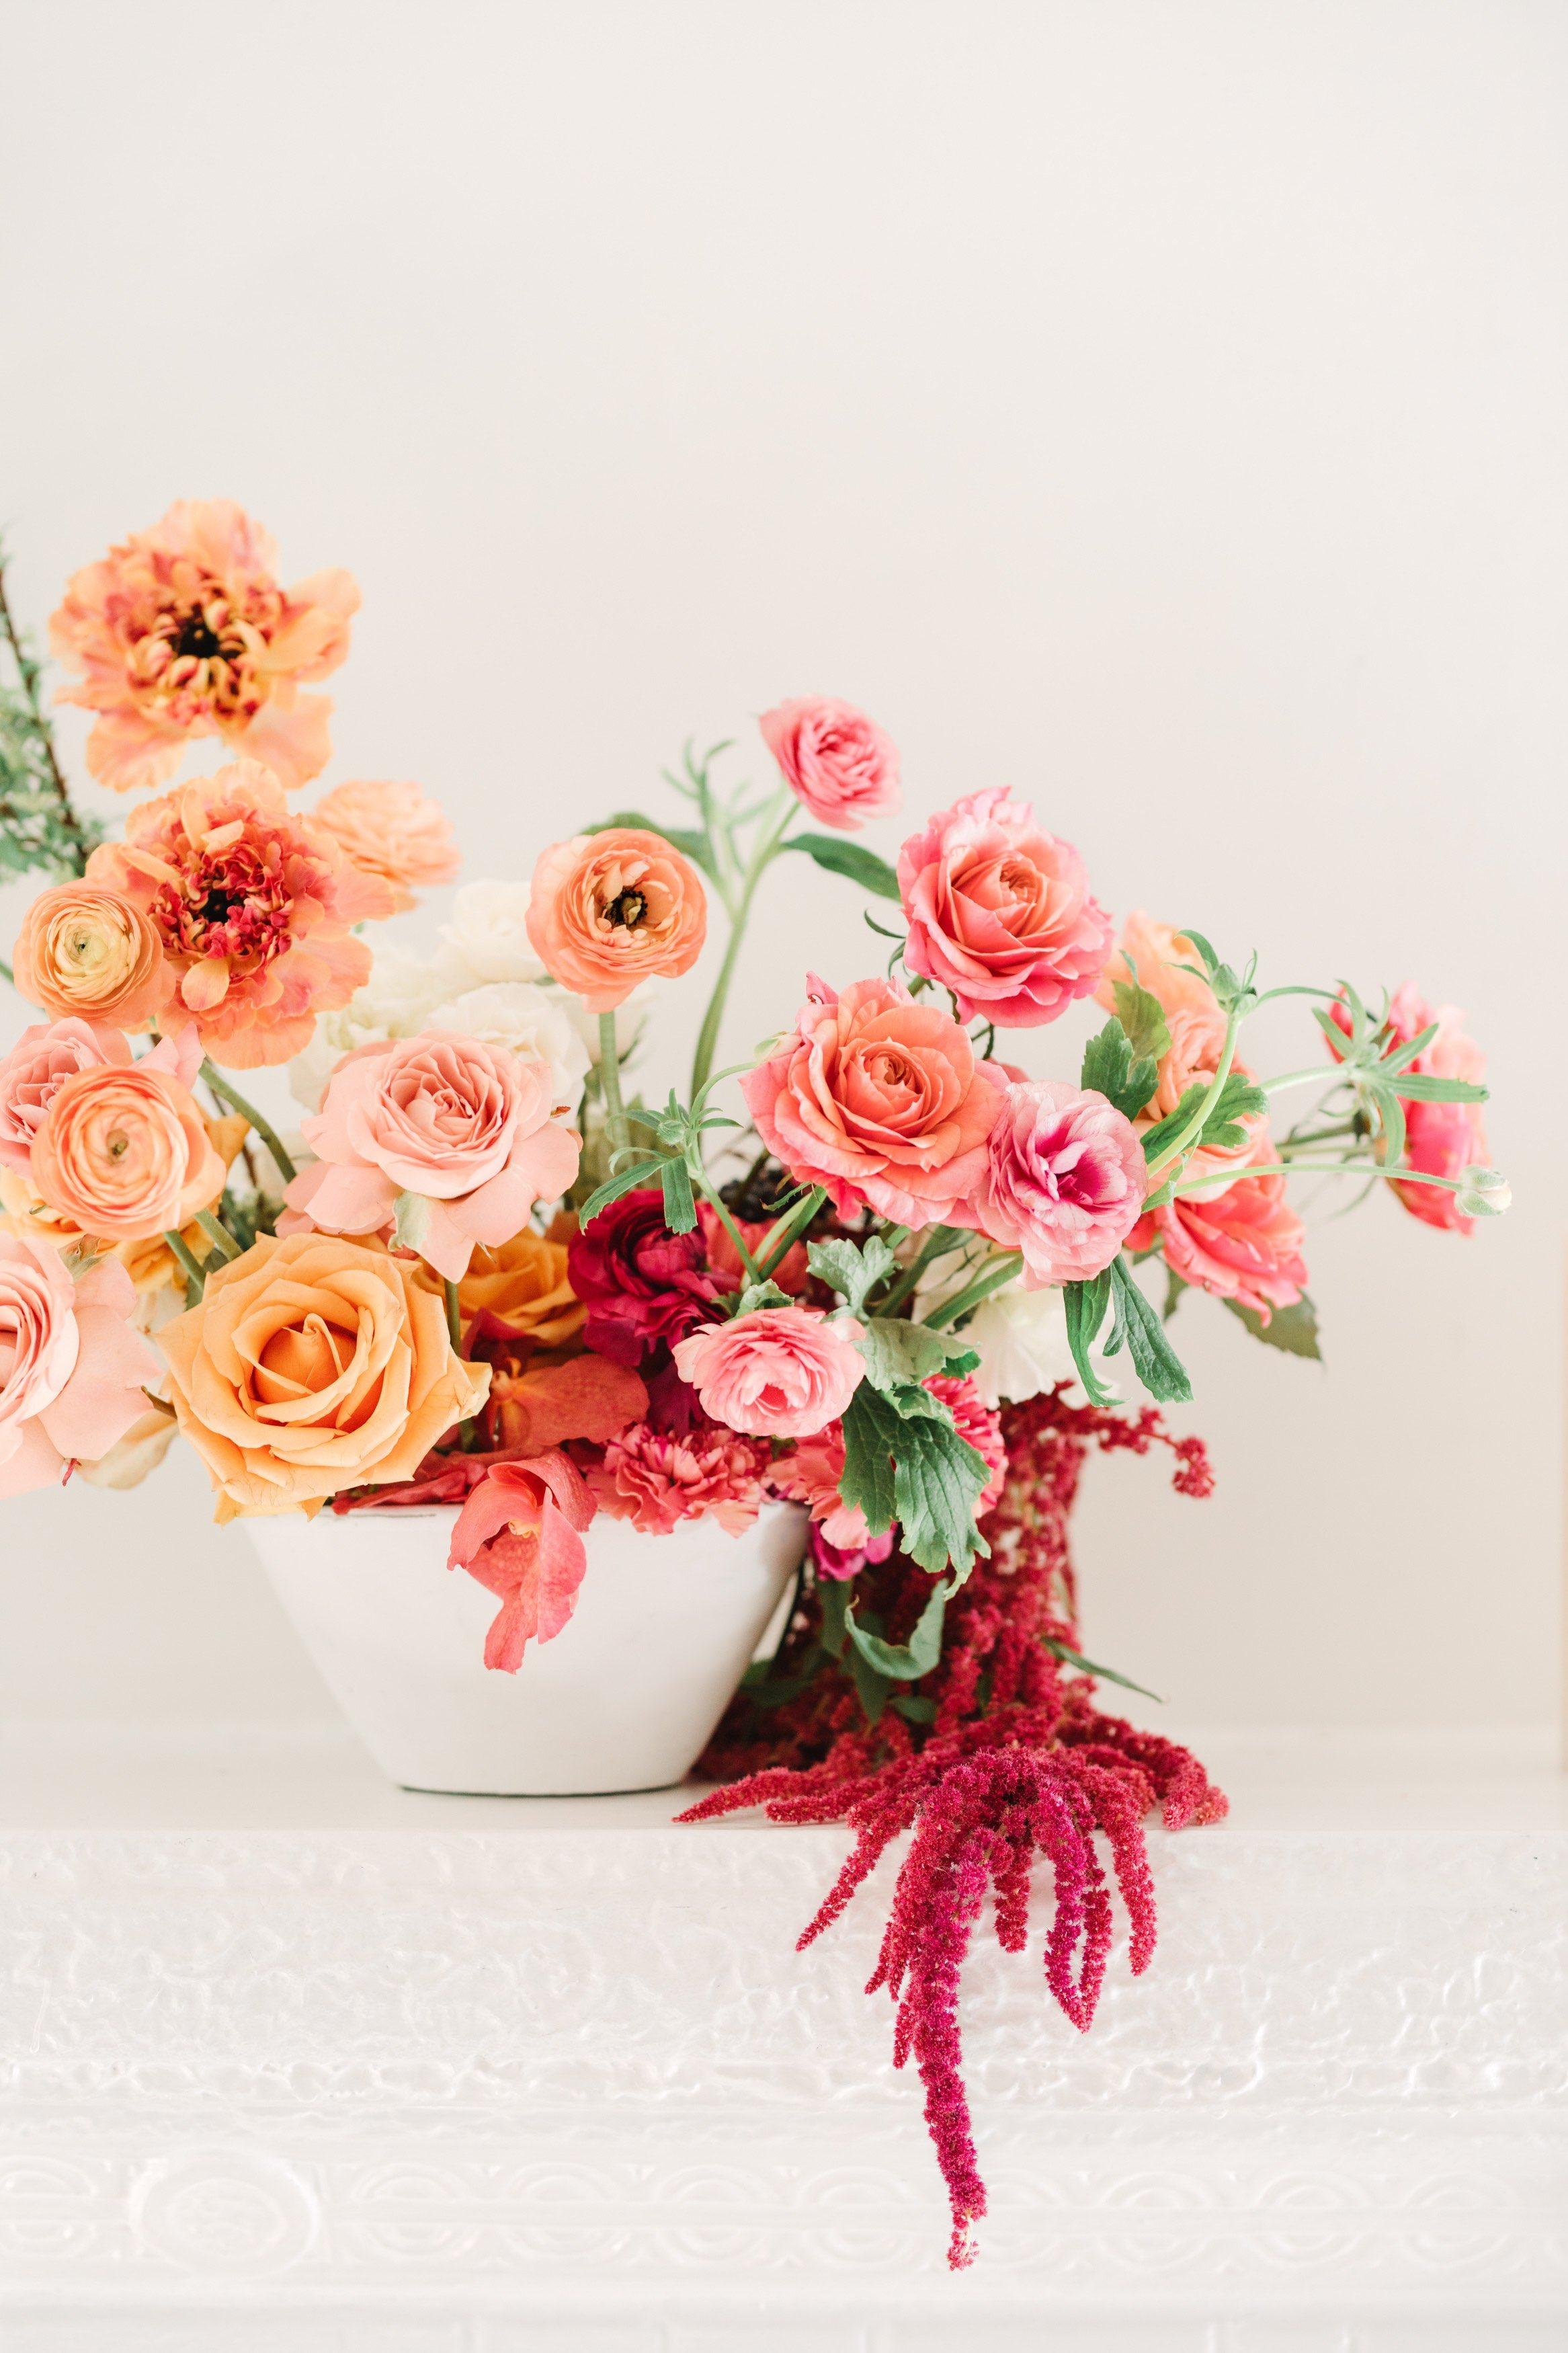 Orange and pink flower arrangement